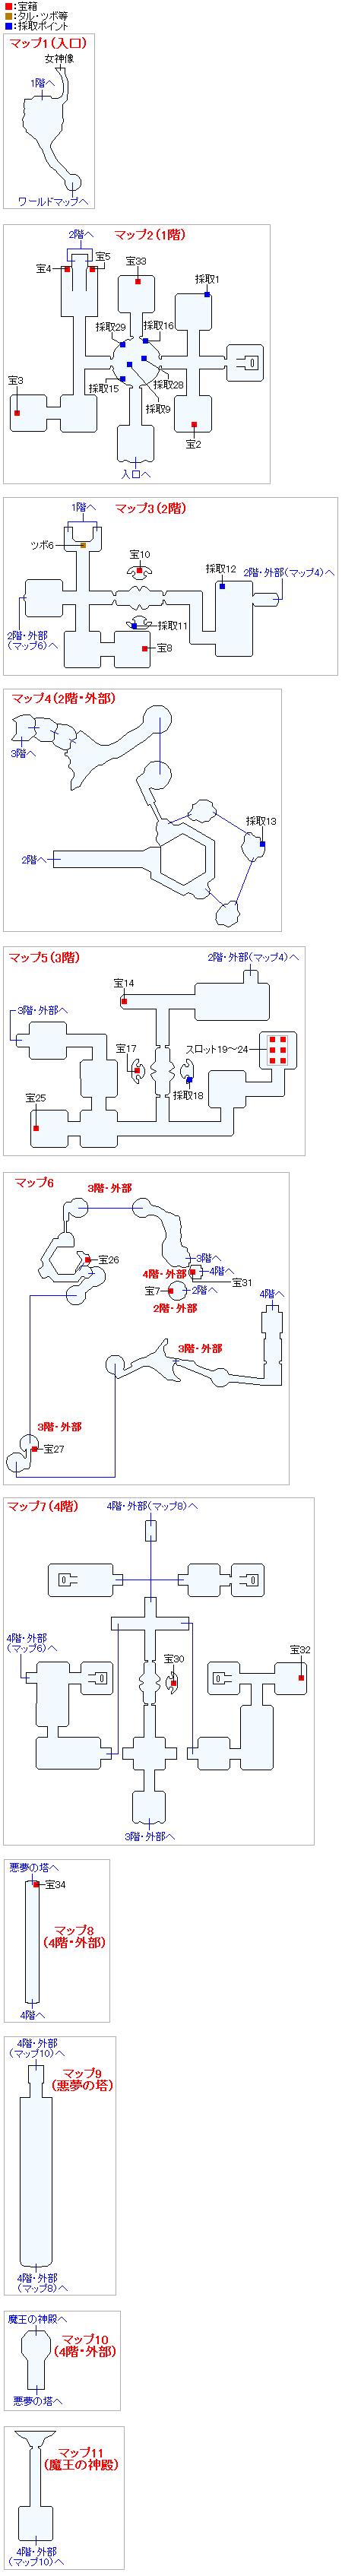 天空魔城(3DSの3Dモード)のマップ画像